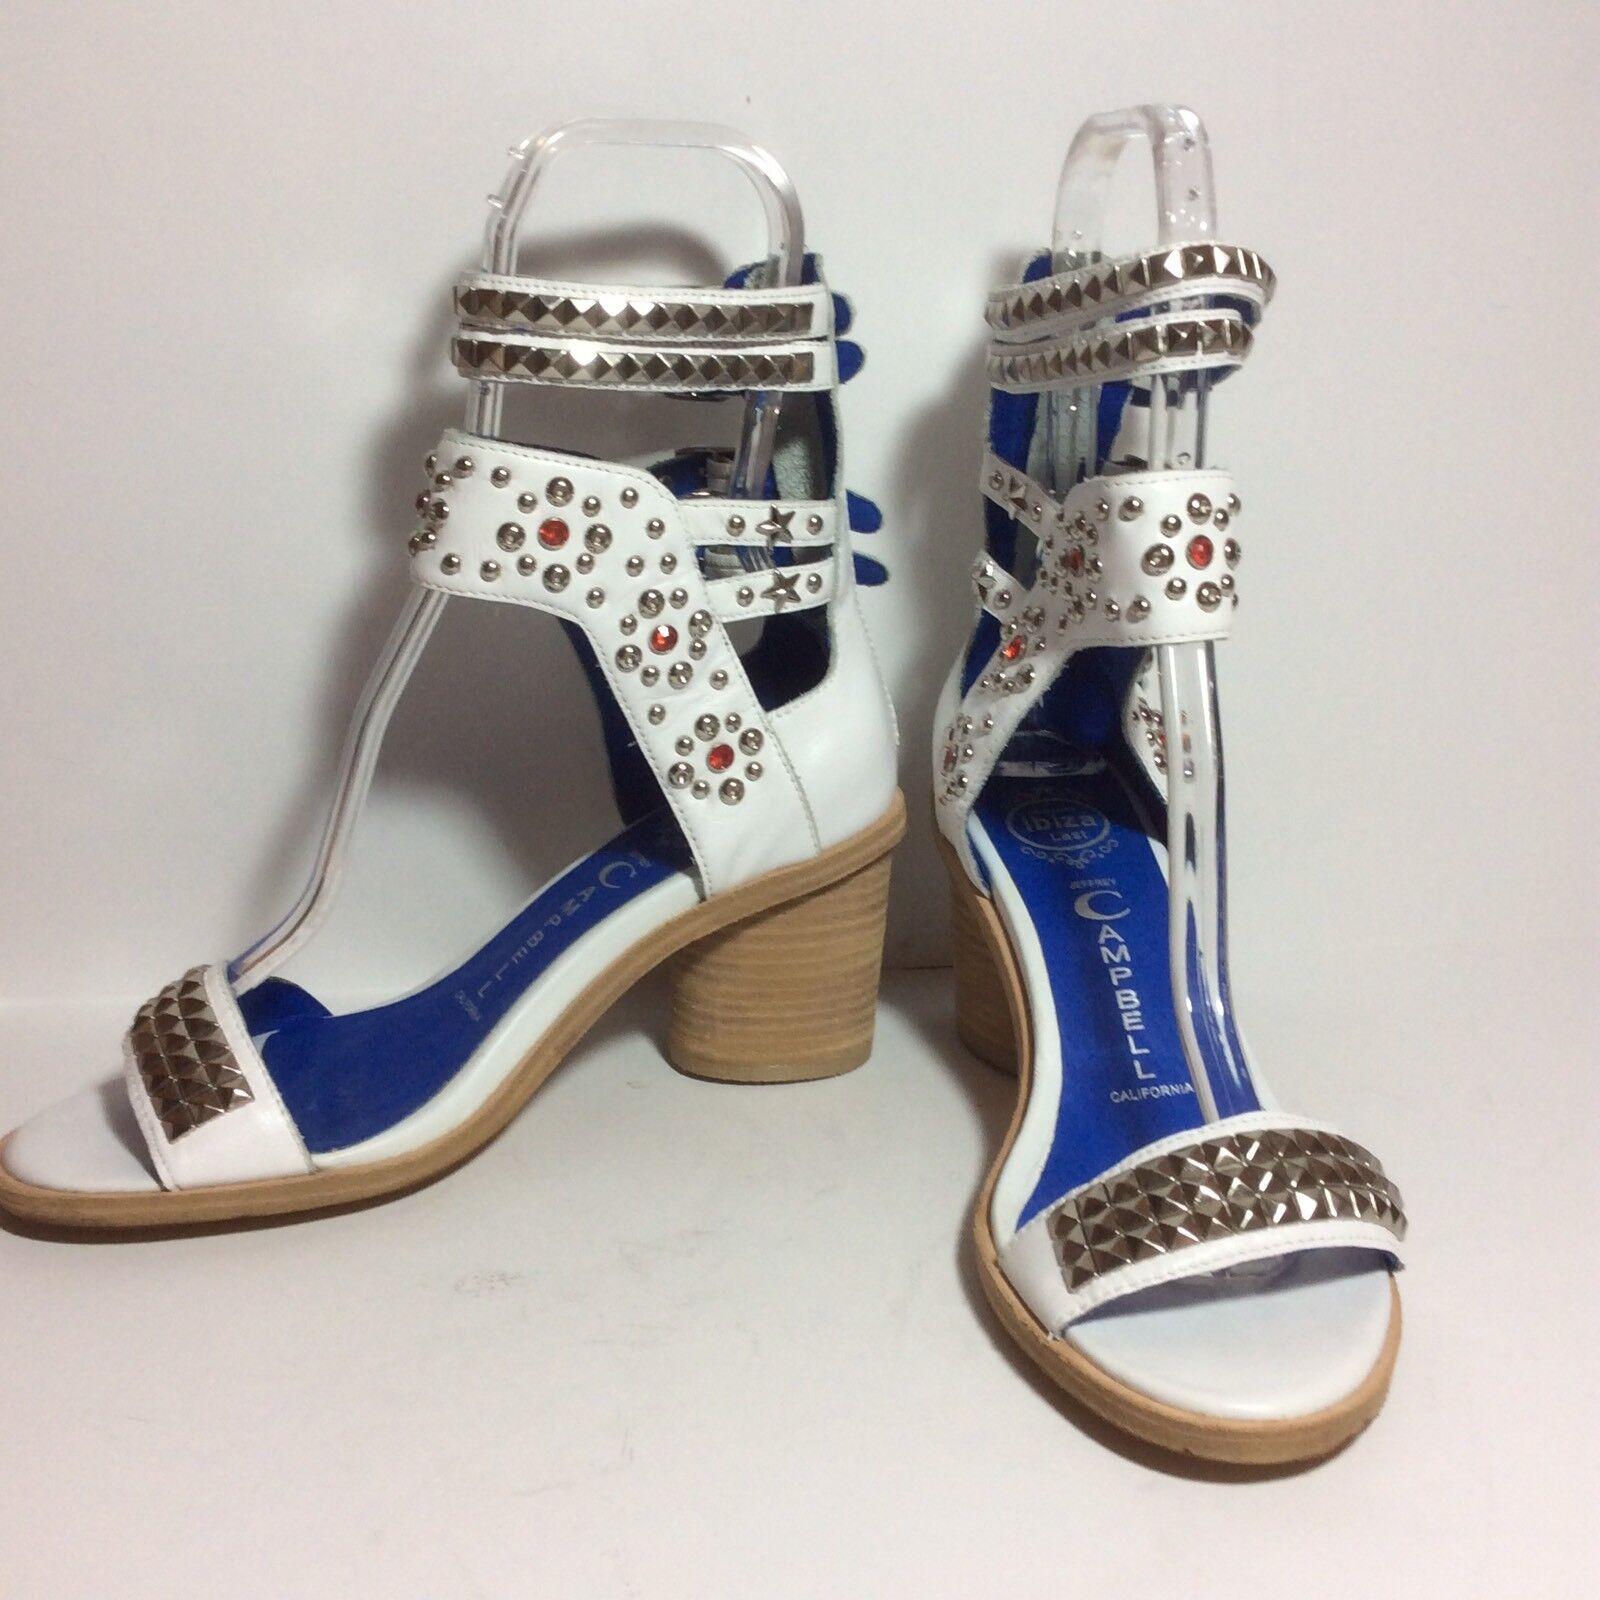 NEW Jeffrey Campbell Pow Wow Studded Heel White Leather Sz 8.5